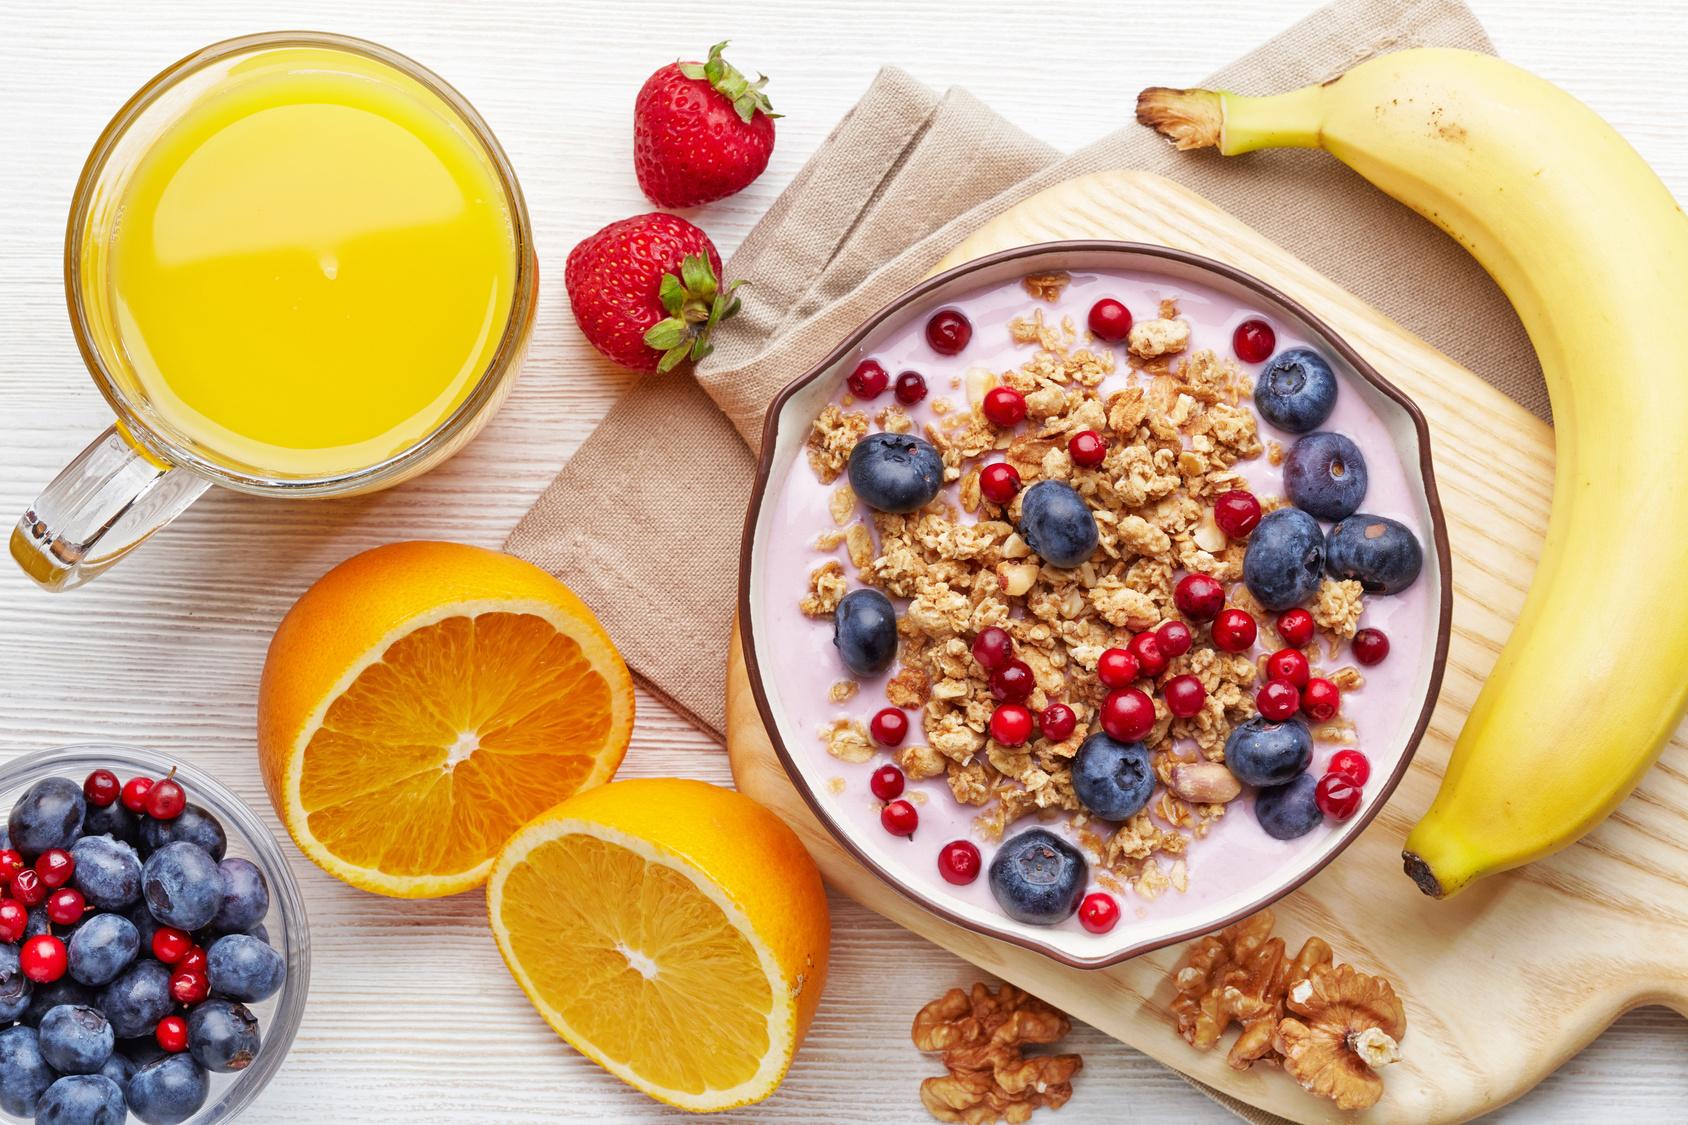 Kiên trì áp dụng thực đơn để tăng cân mỗi ngày